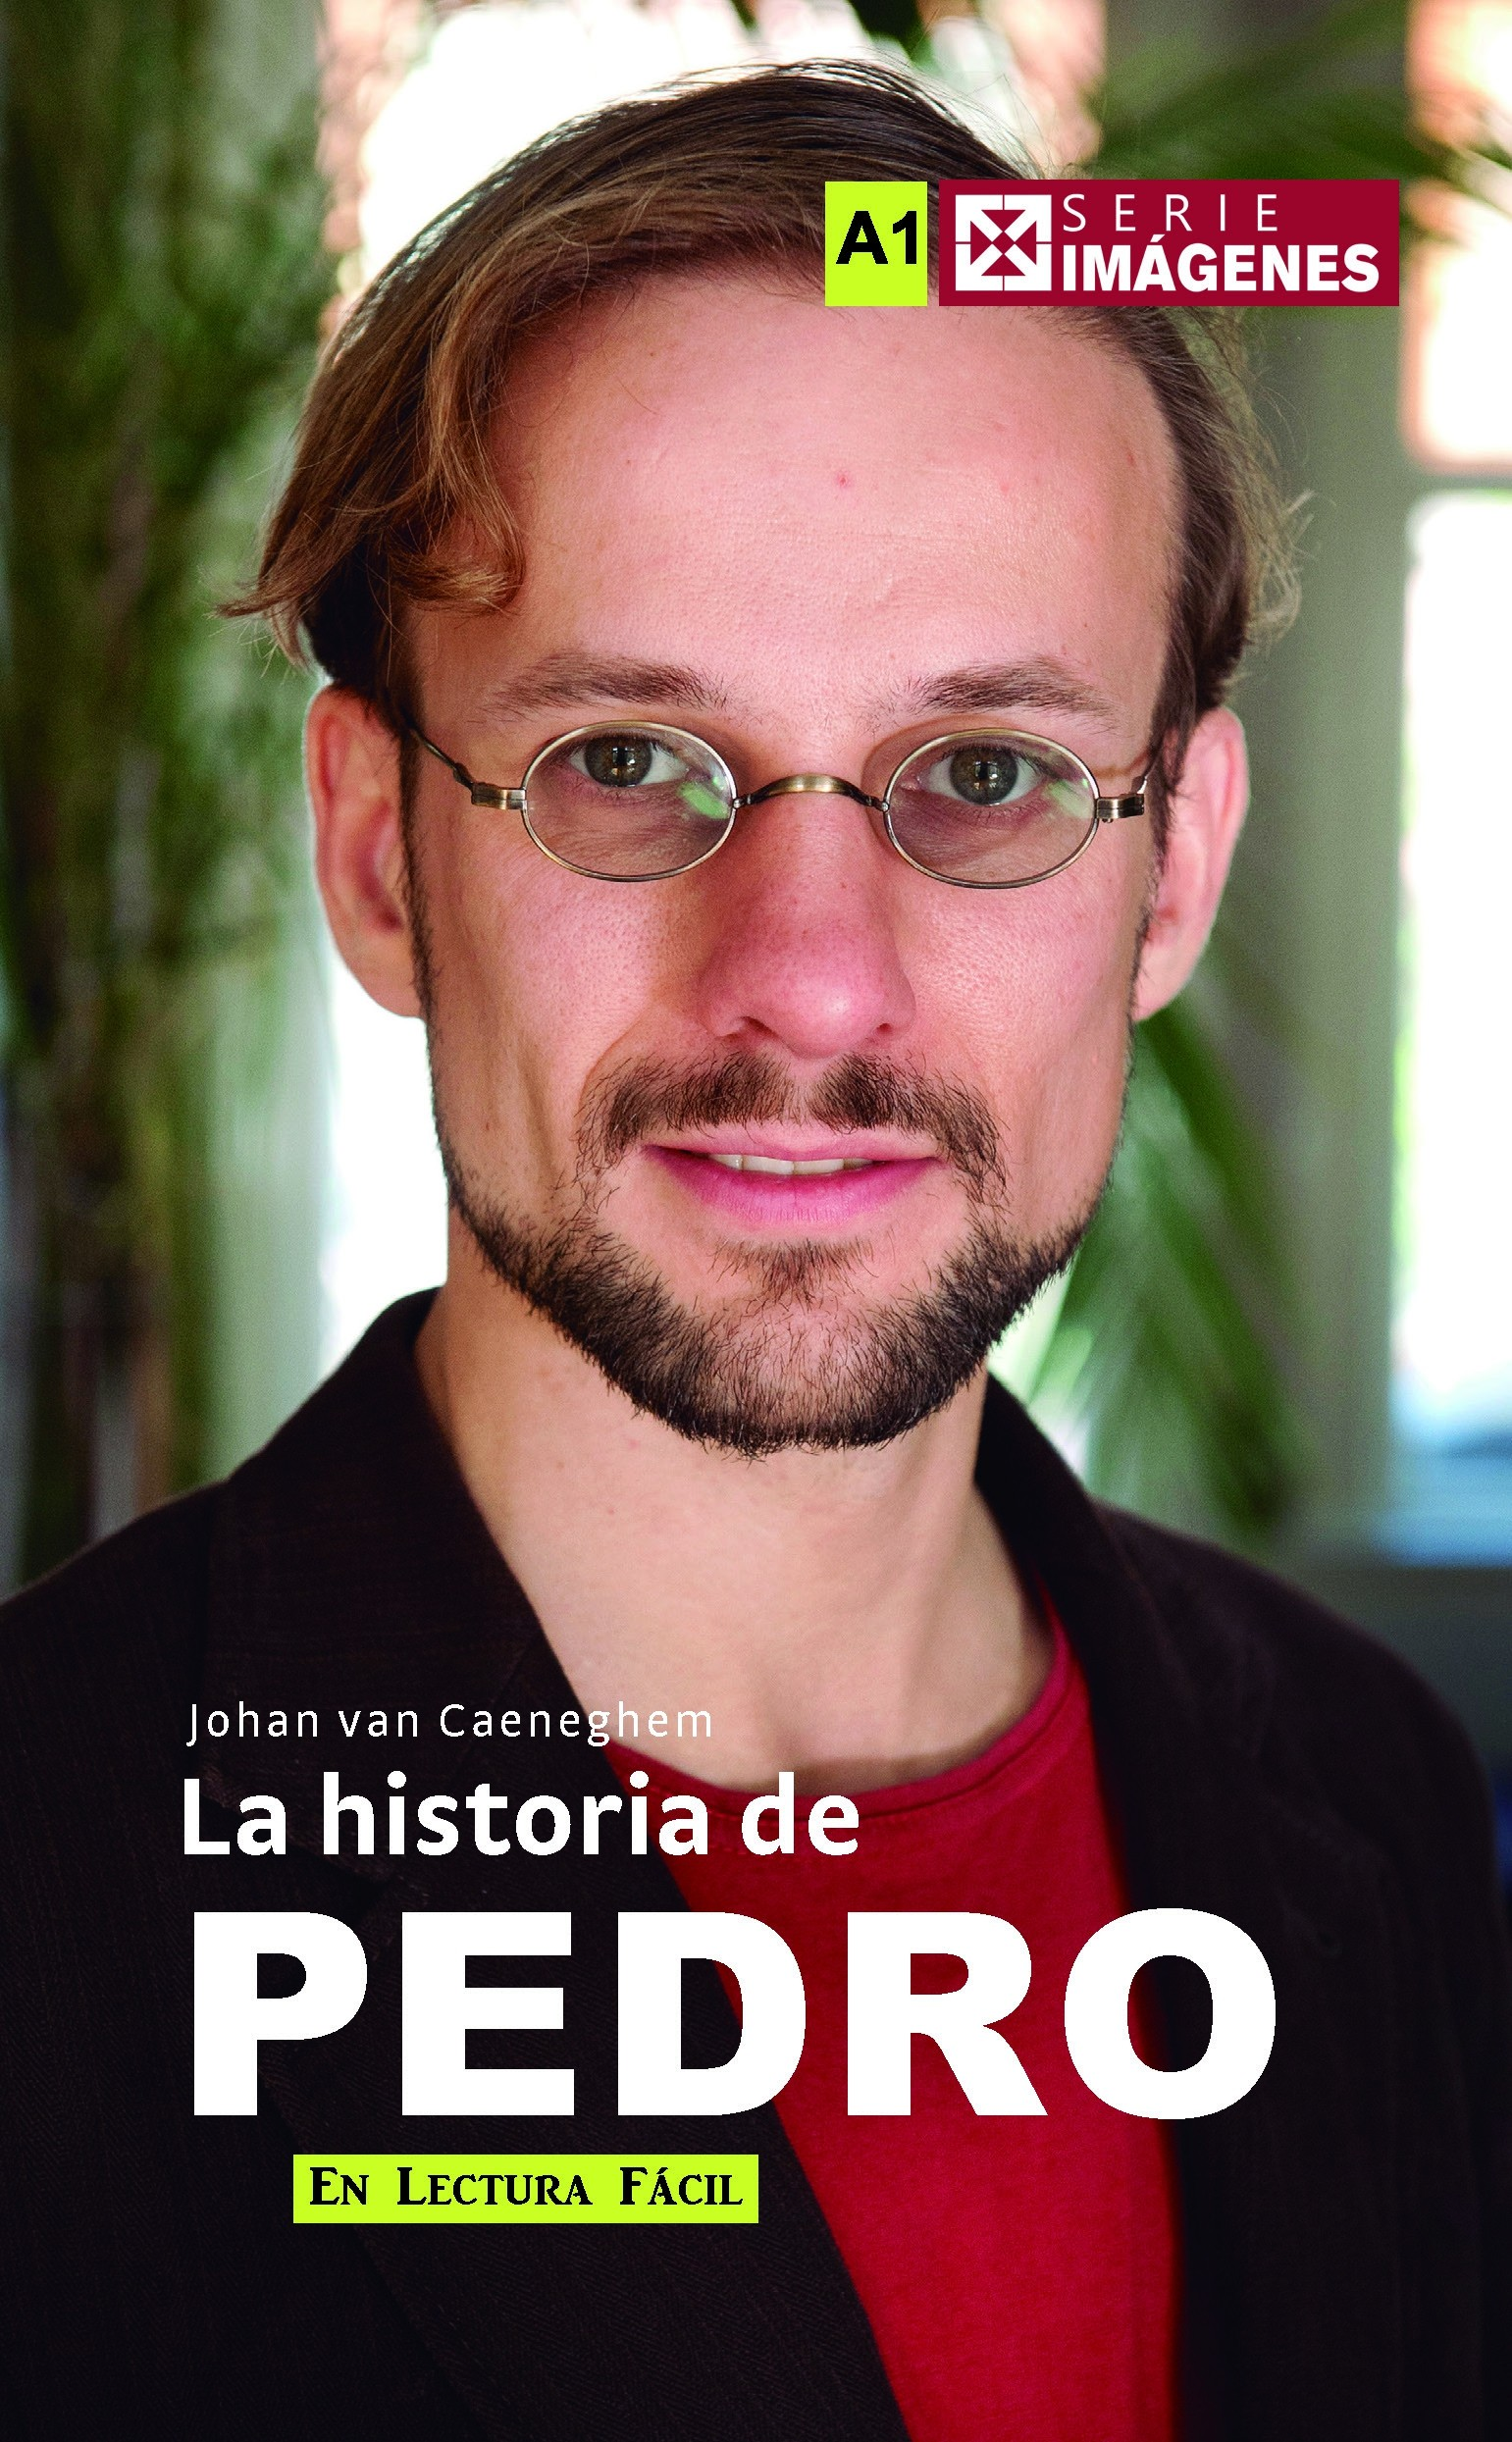 La historia de Pedro